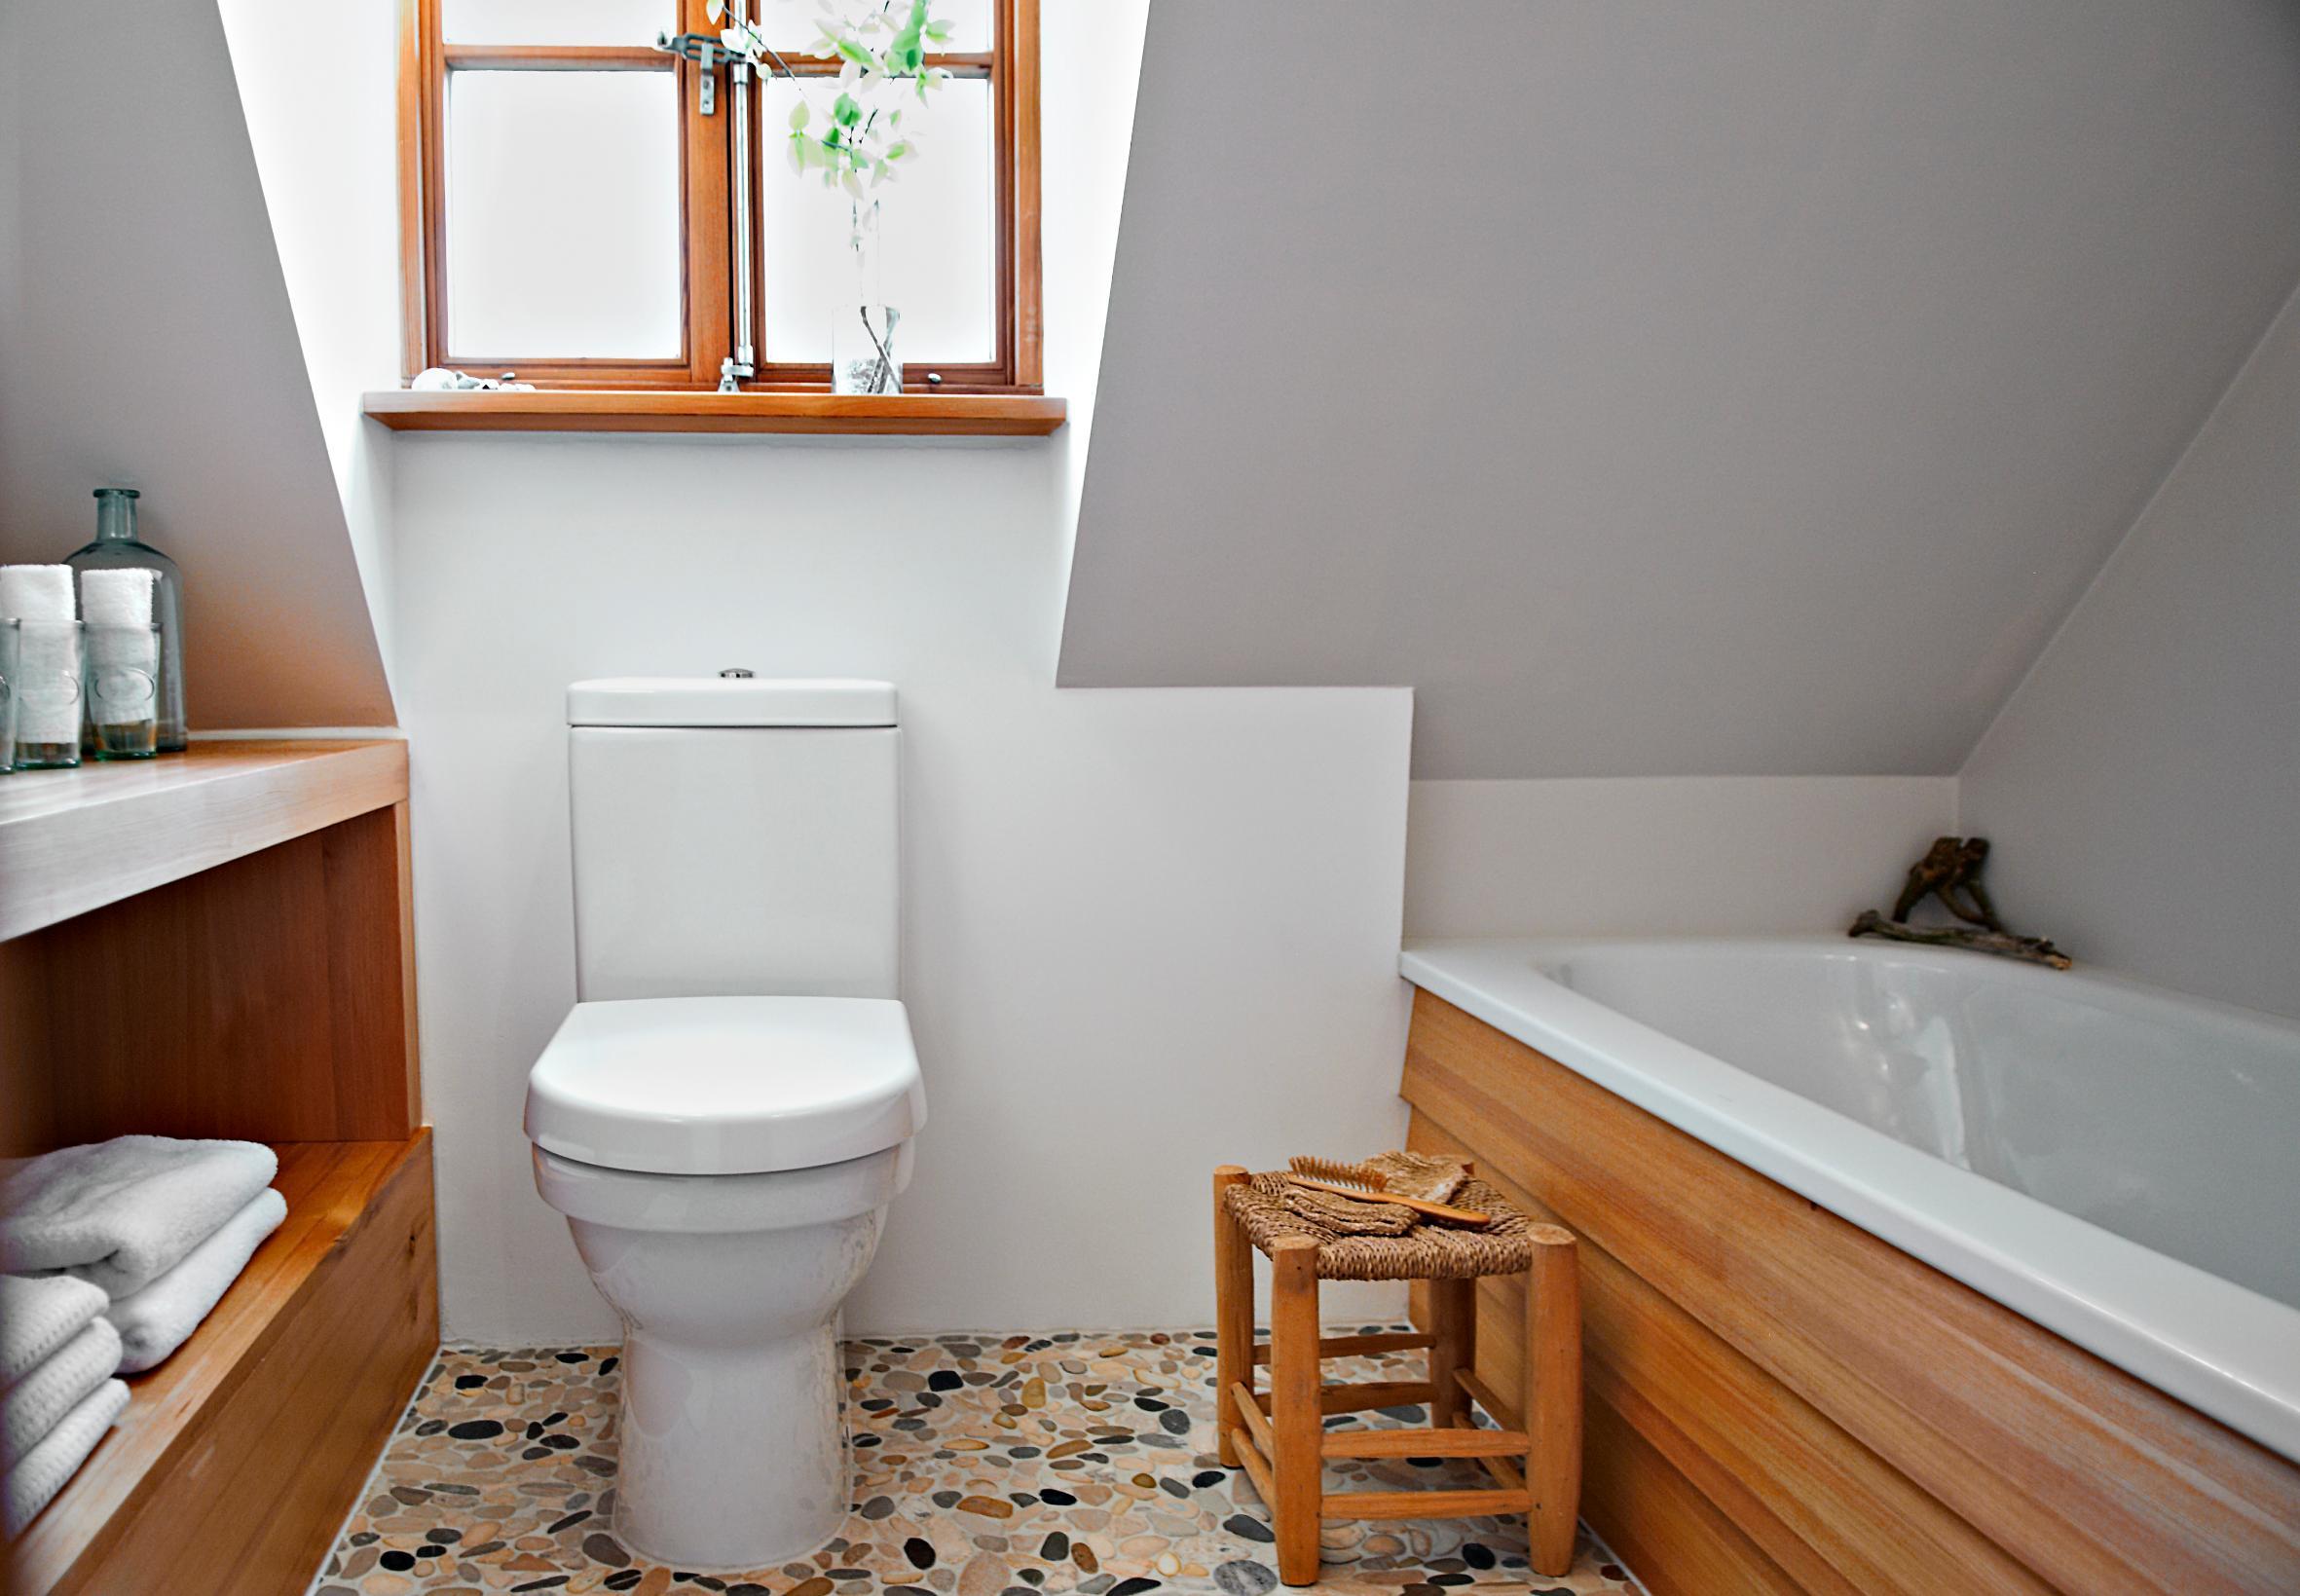 Badezimmer Im Landhausstil #modernesbadezimmer #badezimmergestalten  ©Michael Pfeiffe Fotografie